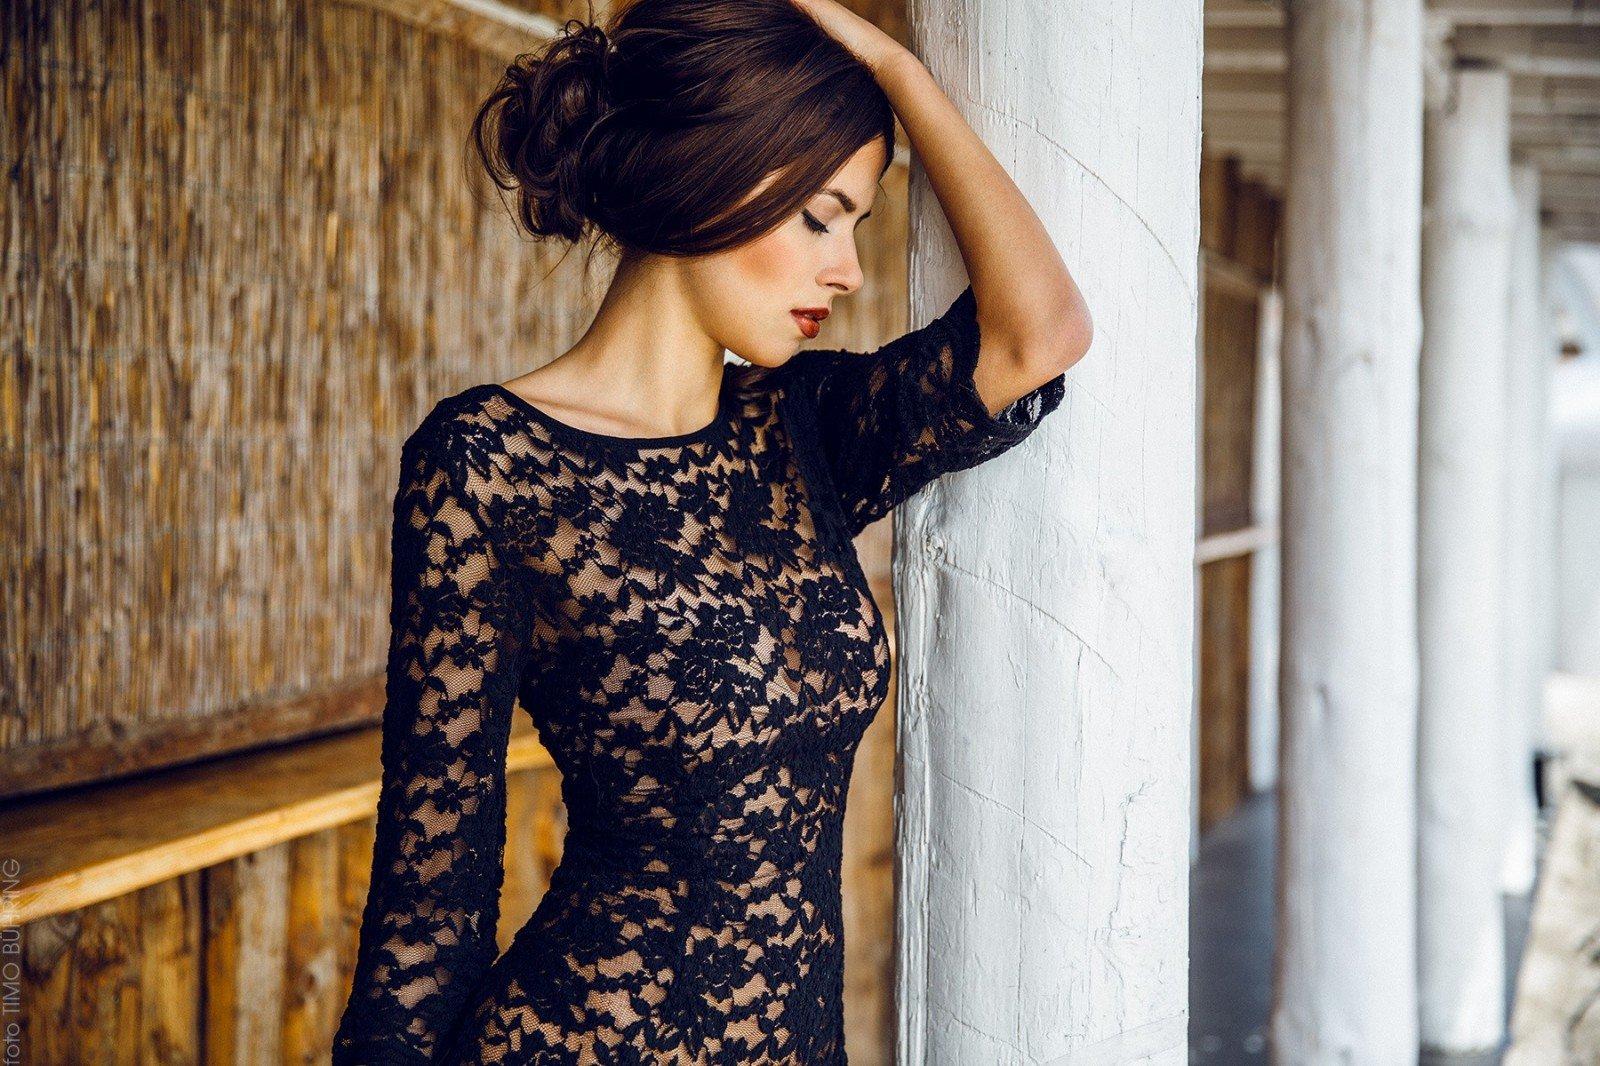 Фотосессия В Кружевном Платье